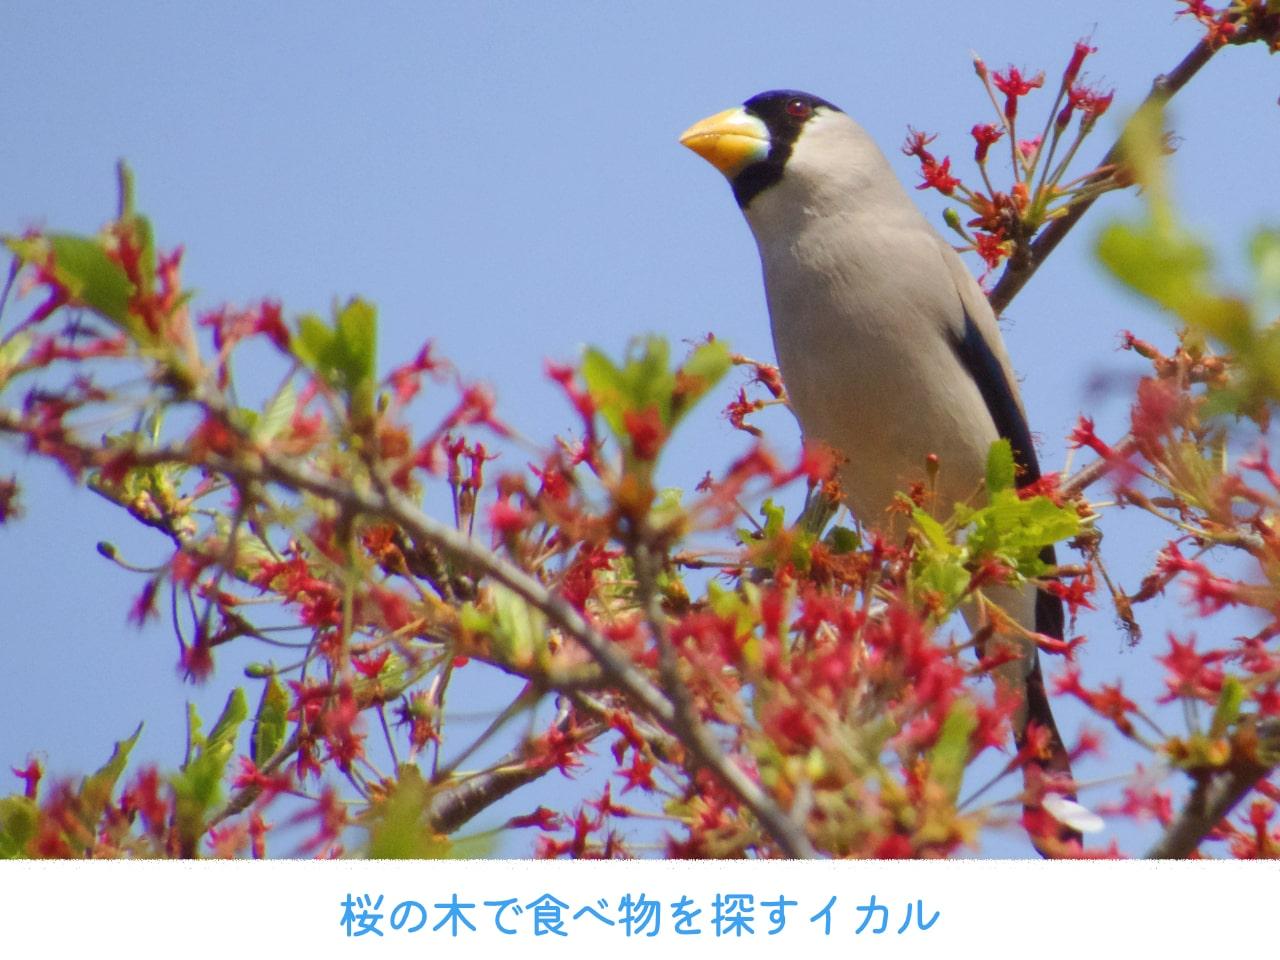 桜の木で食べ物を探すイカルの画像